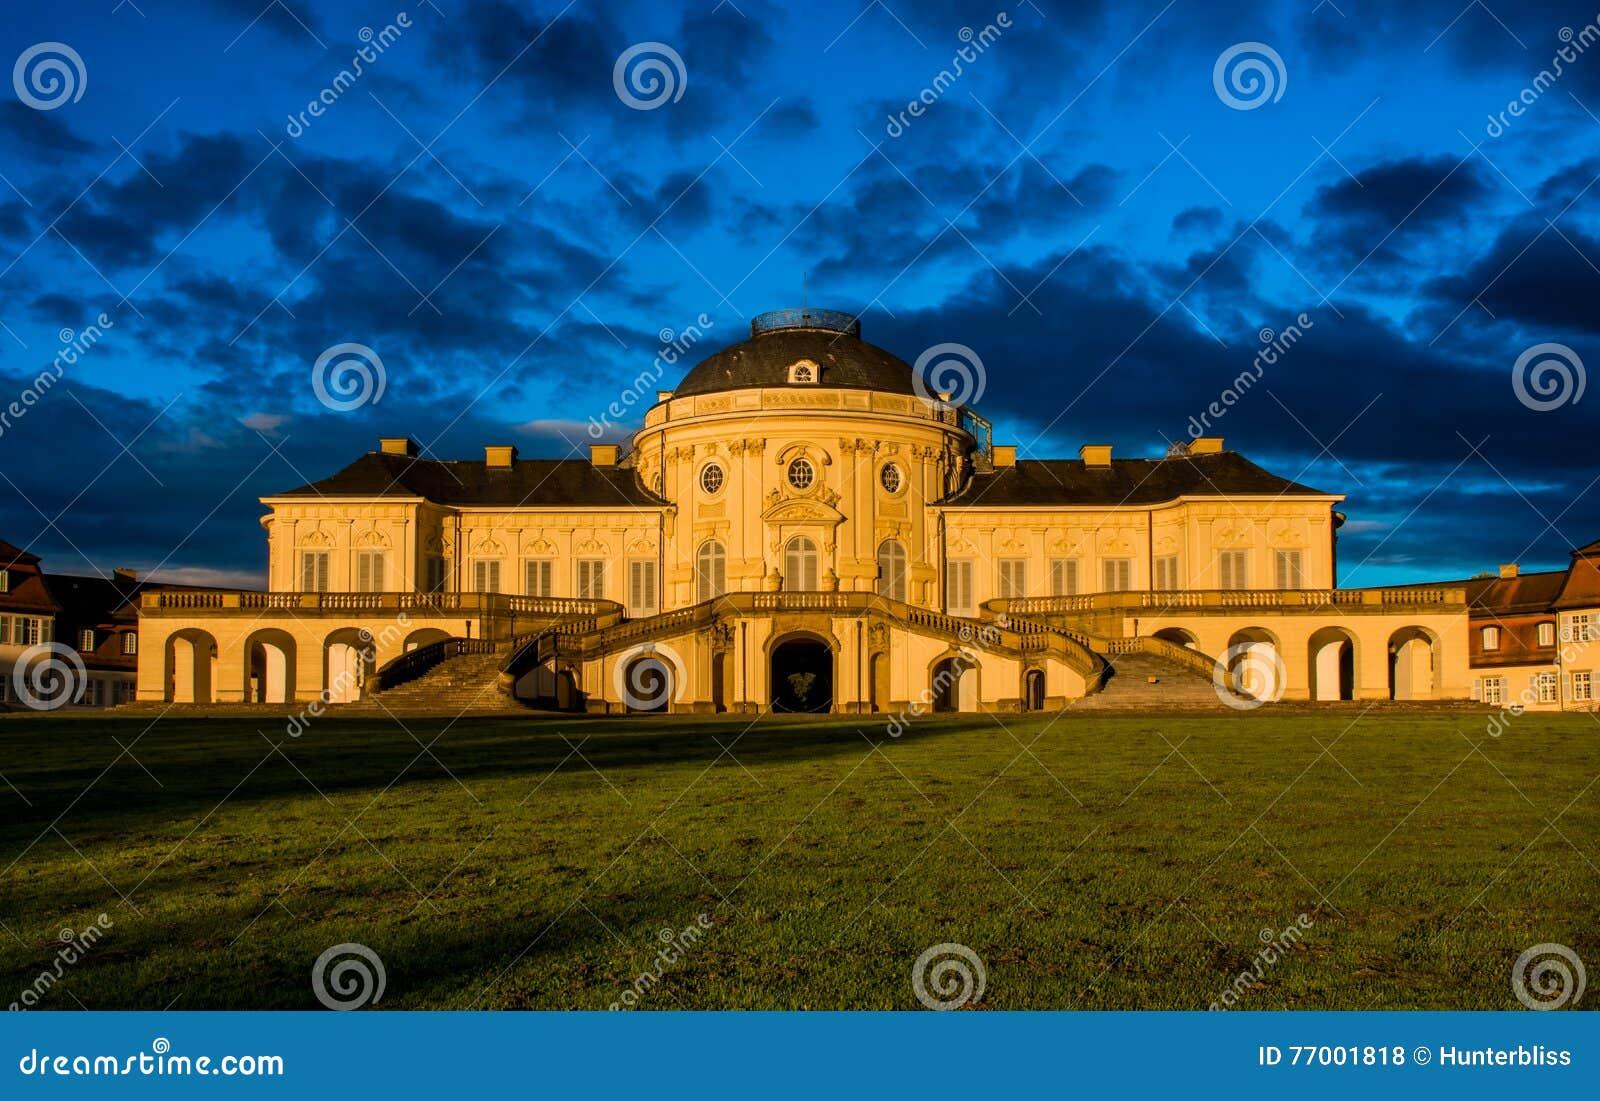 Замок Штутгарт Германия Schloss уединения панорамы голубого неба внешний